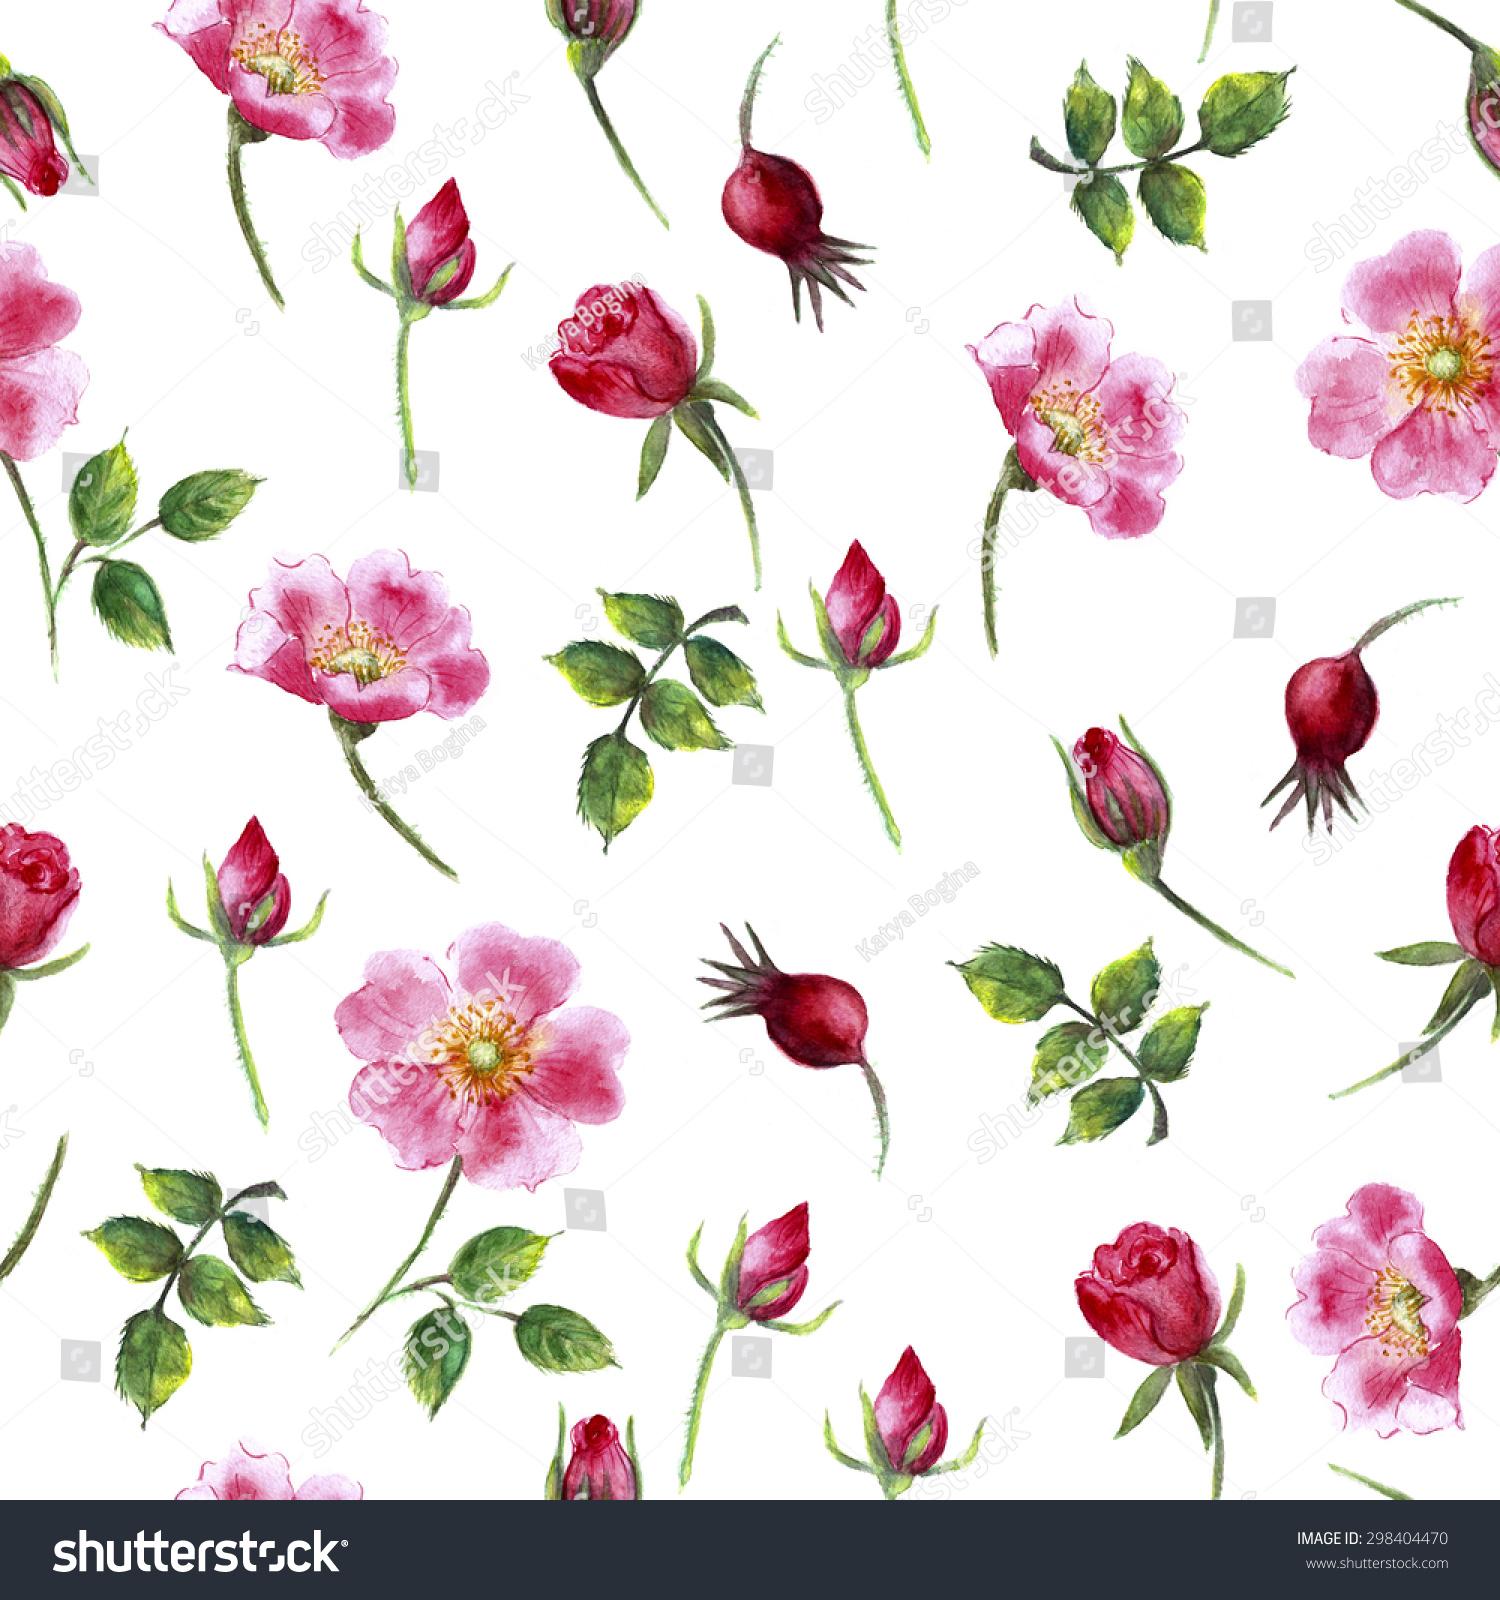 水彩花卉无缝模式在白色背景上鲜艳的颜色